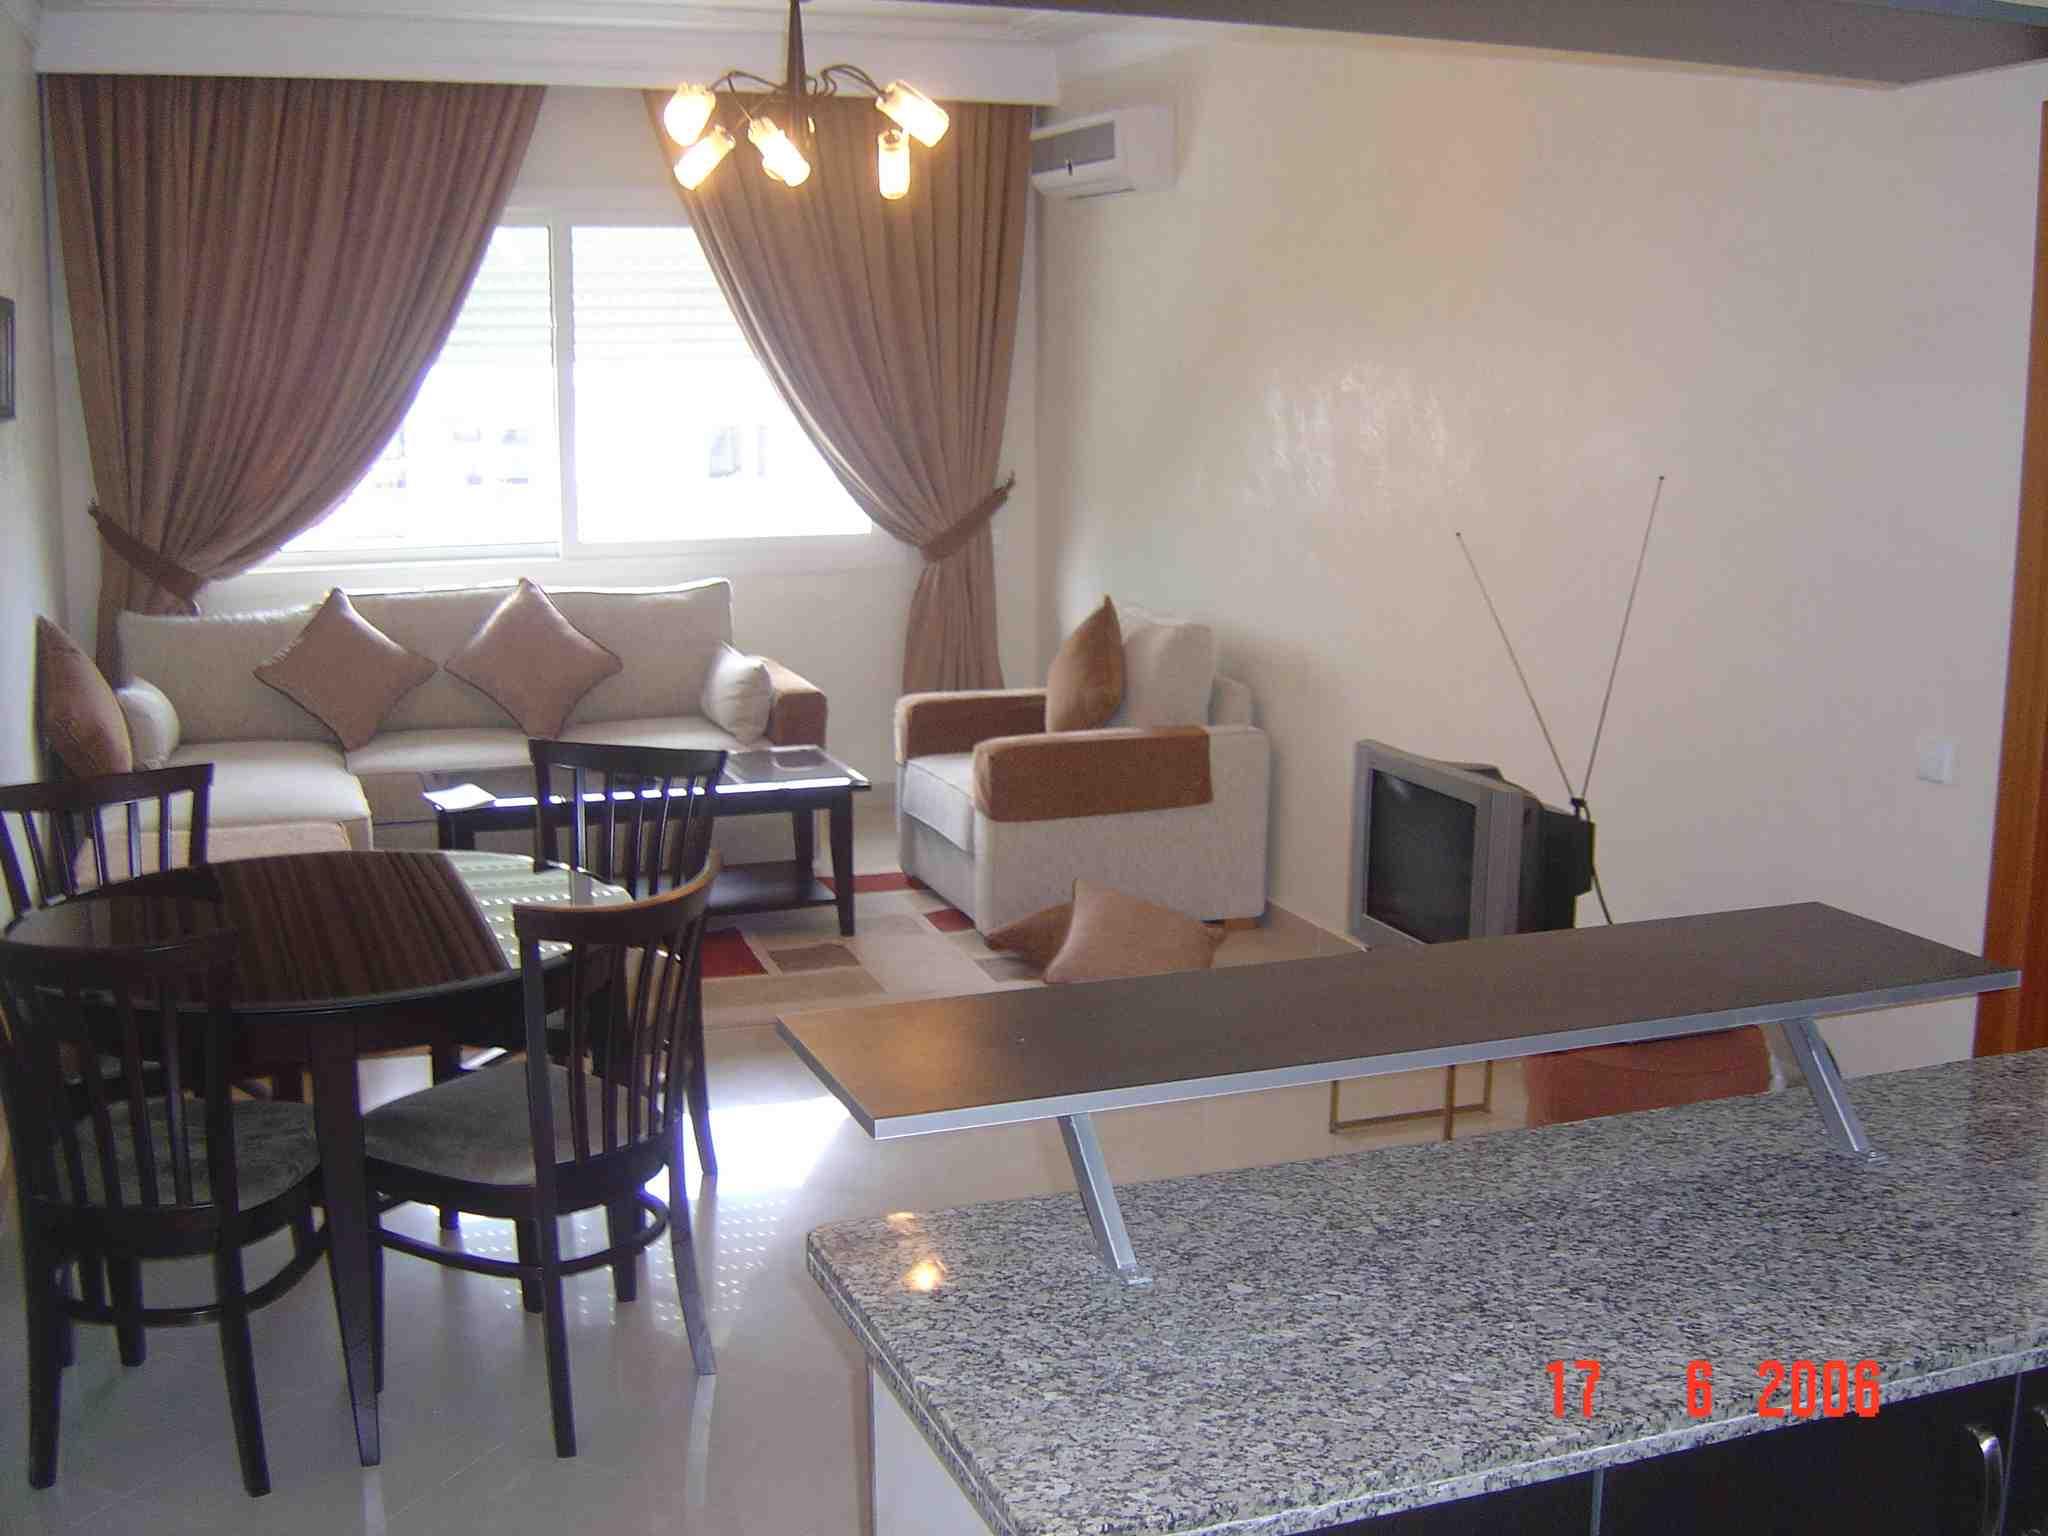 #61473F Immobilier à Casablanca Maroc Entre Particulier Immobilier  3887 salle a manger pas cher maroc 2048x1536 px @ aertt.com